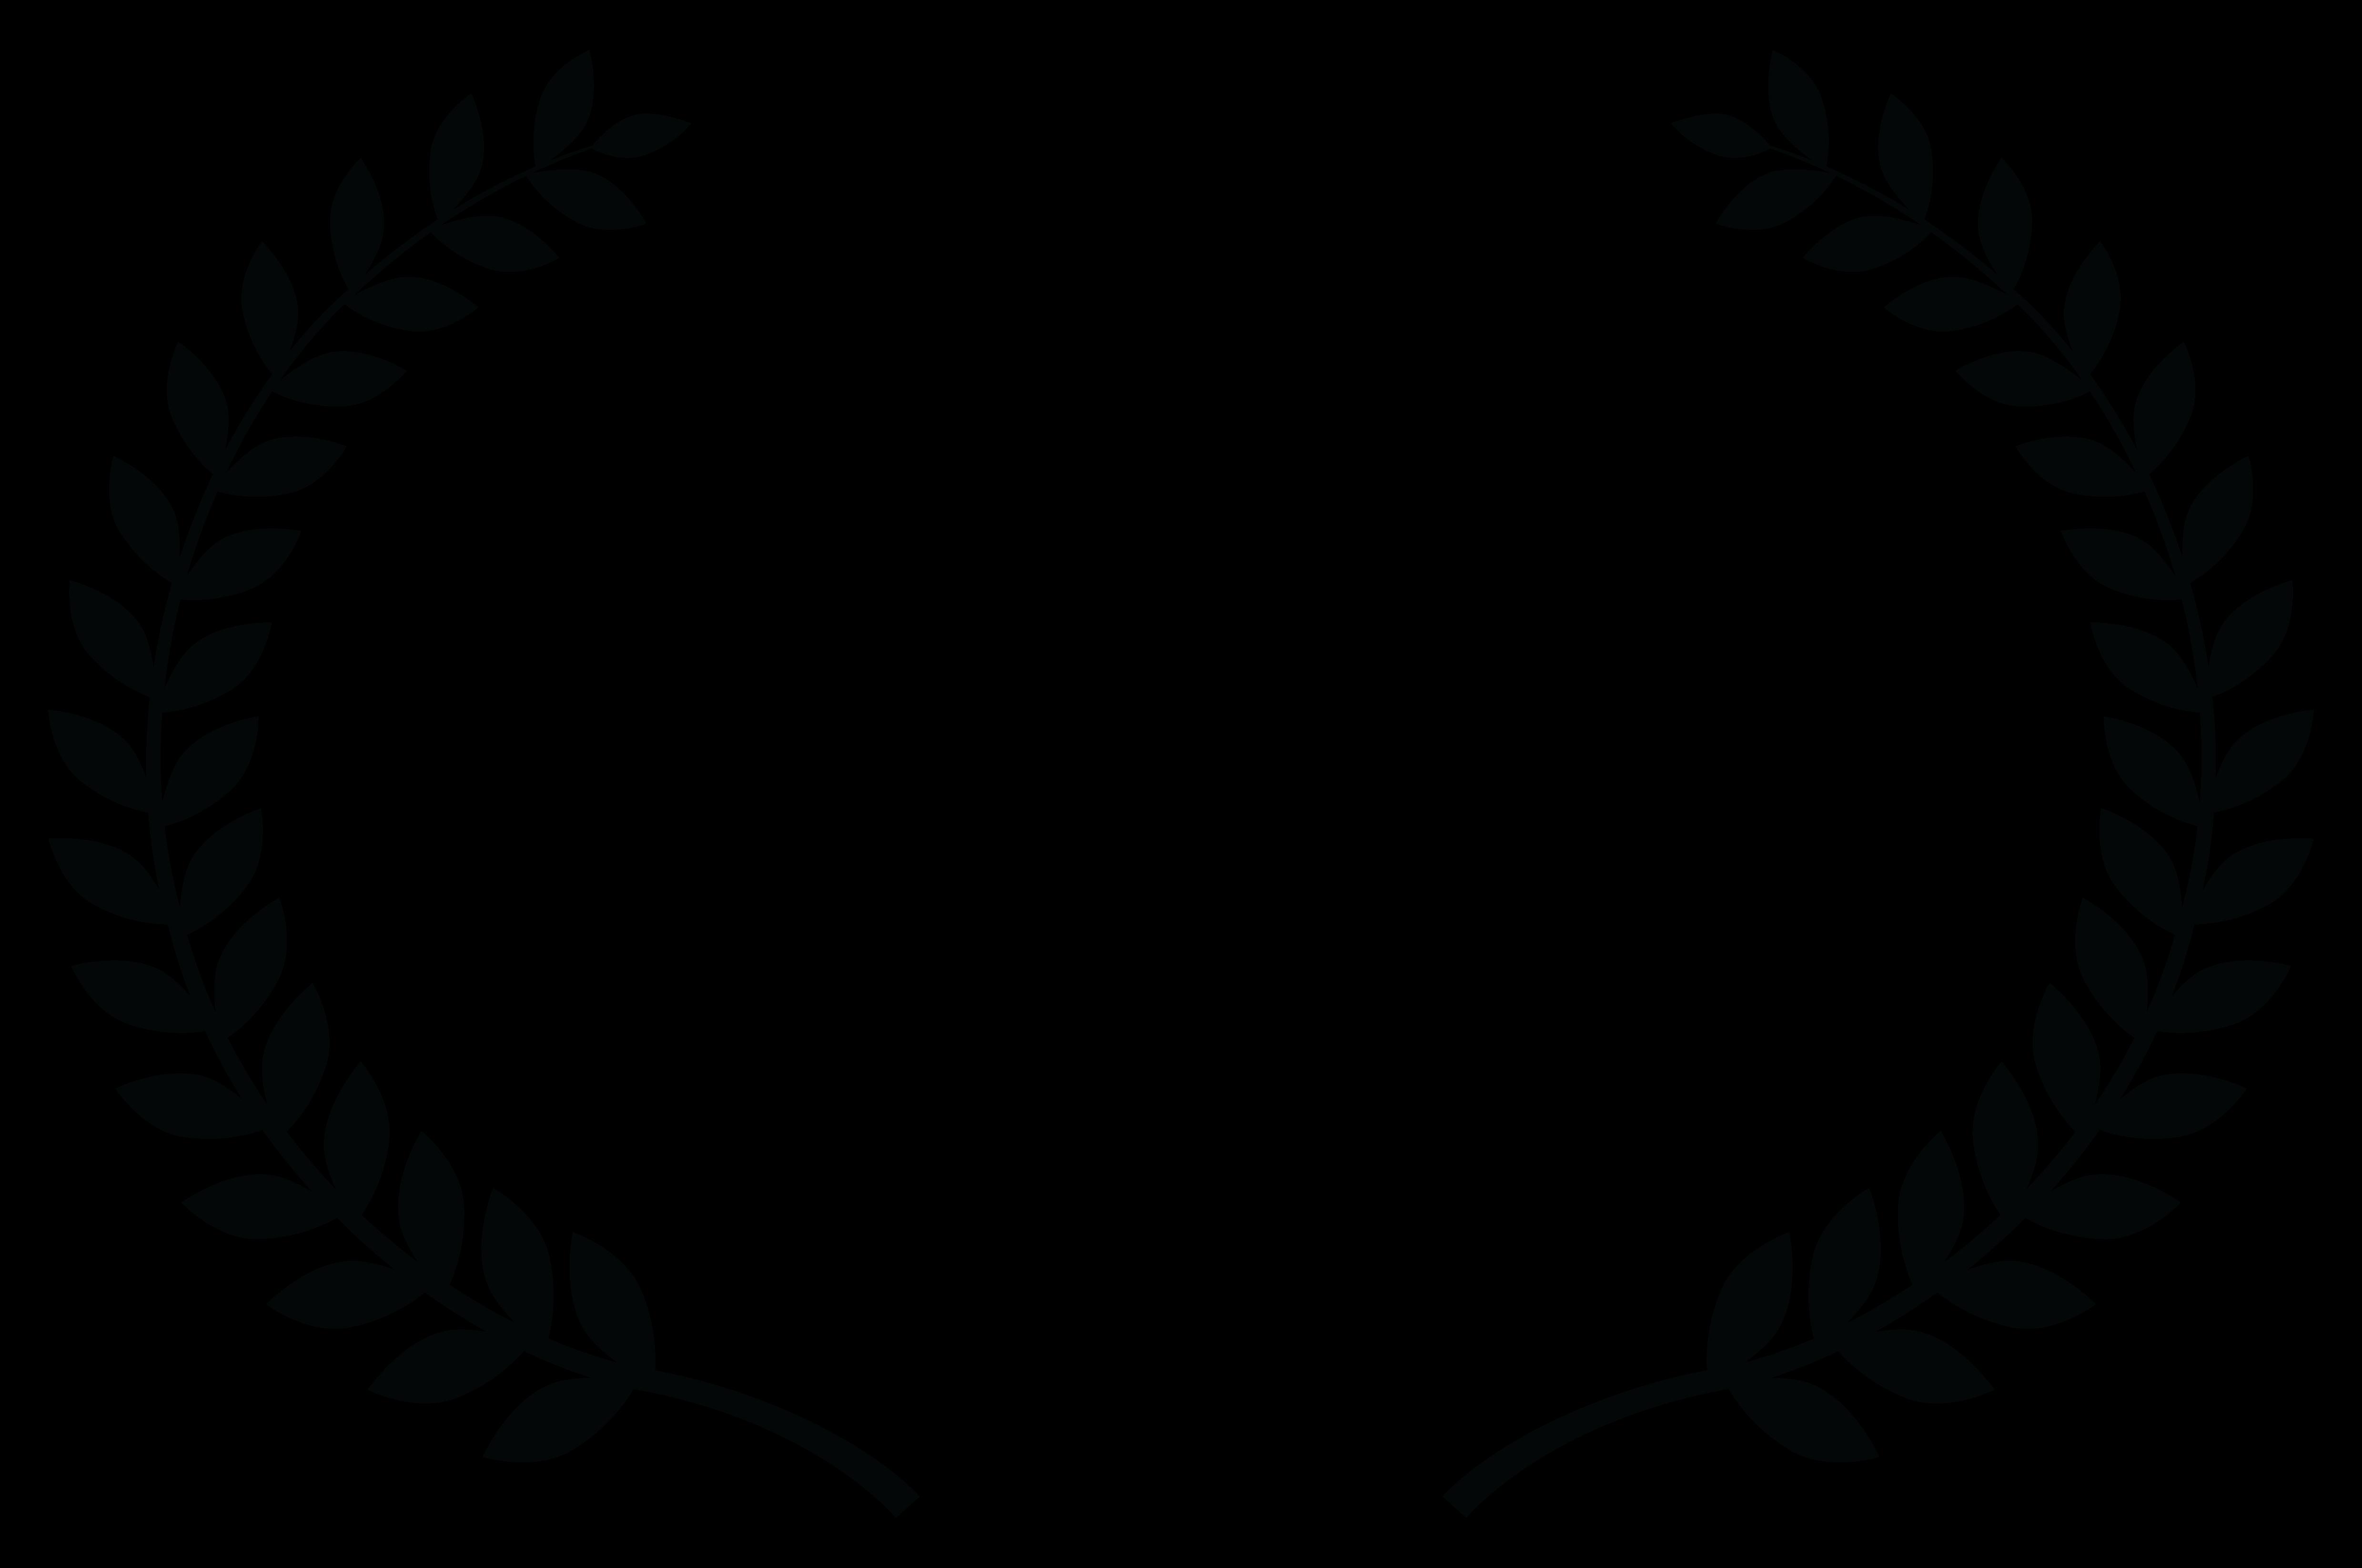 OFFICIALSELECTION_Flamingo_Film_Festival_2017_black